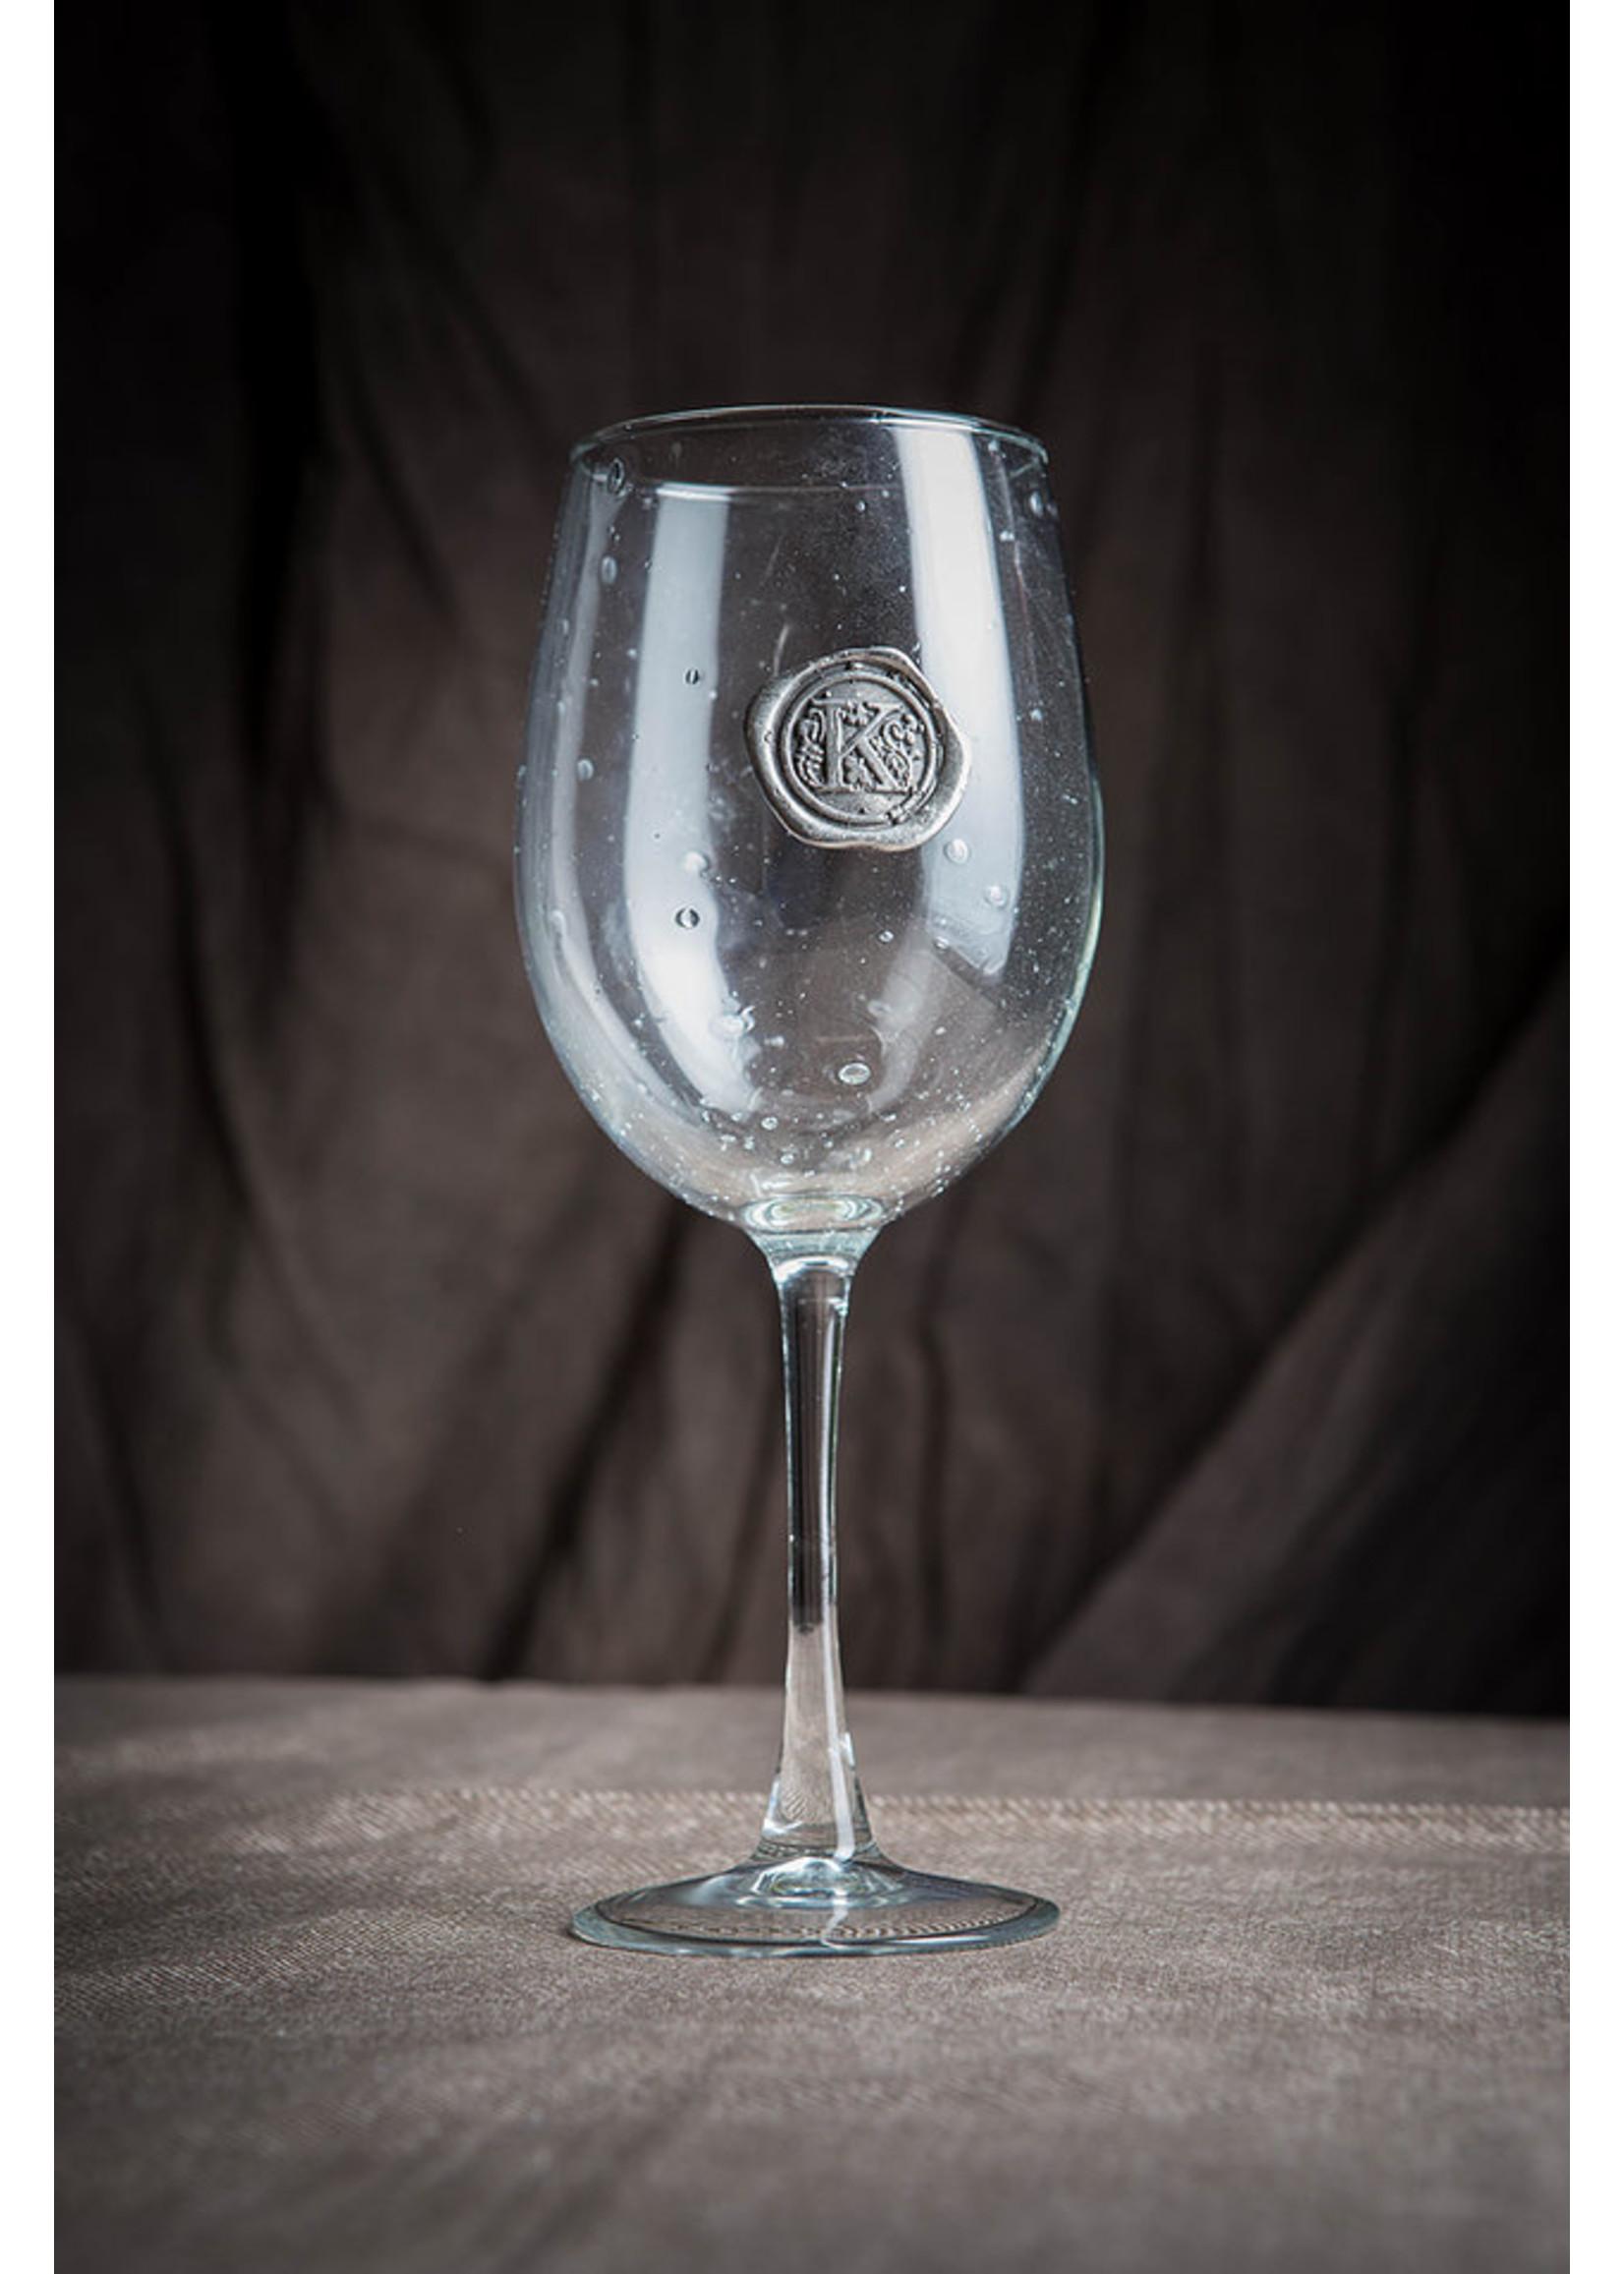 southern jubliee Southern Jubilee Stemmed Wine Glass